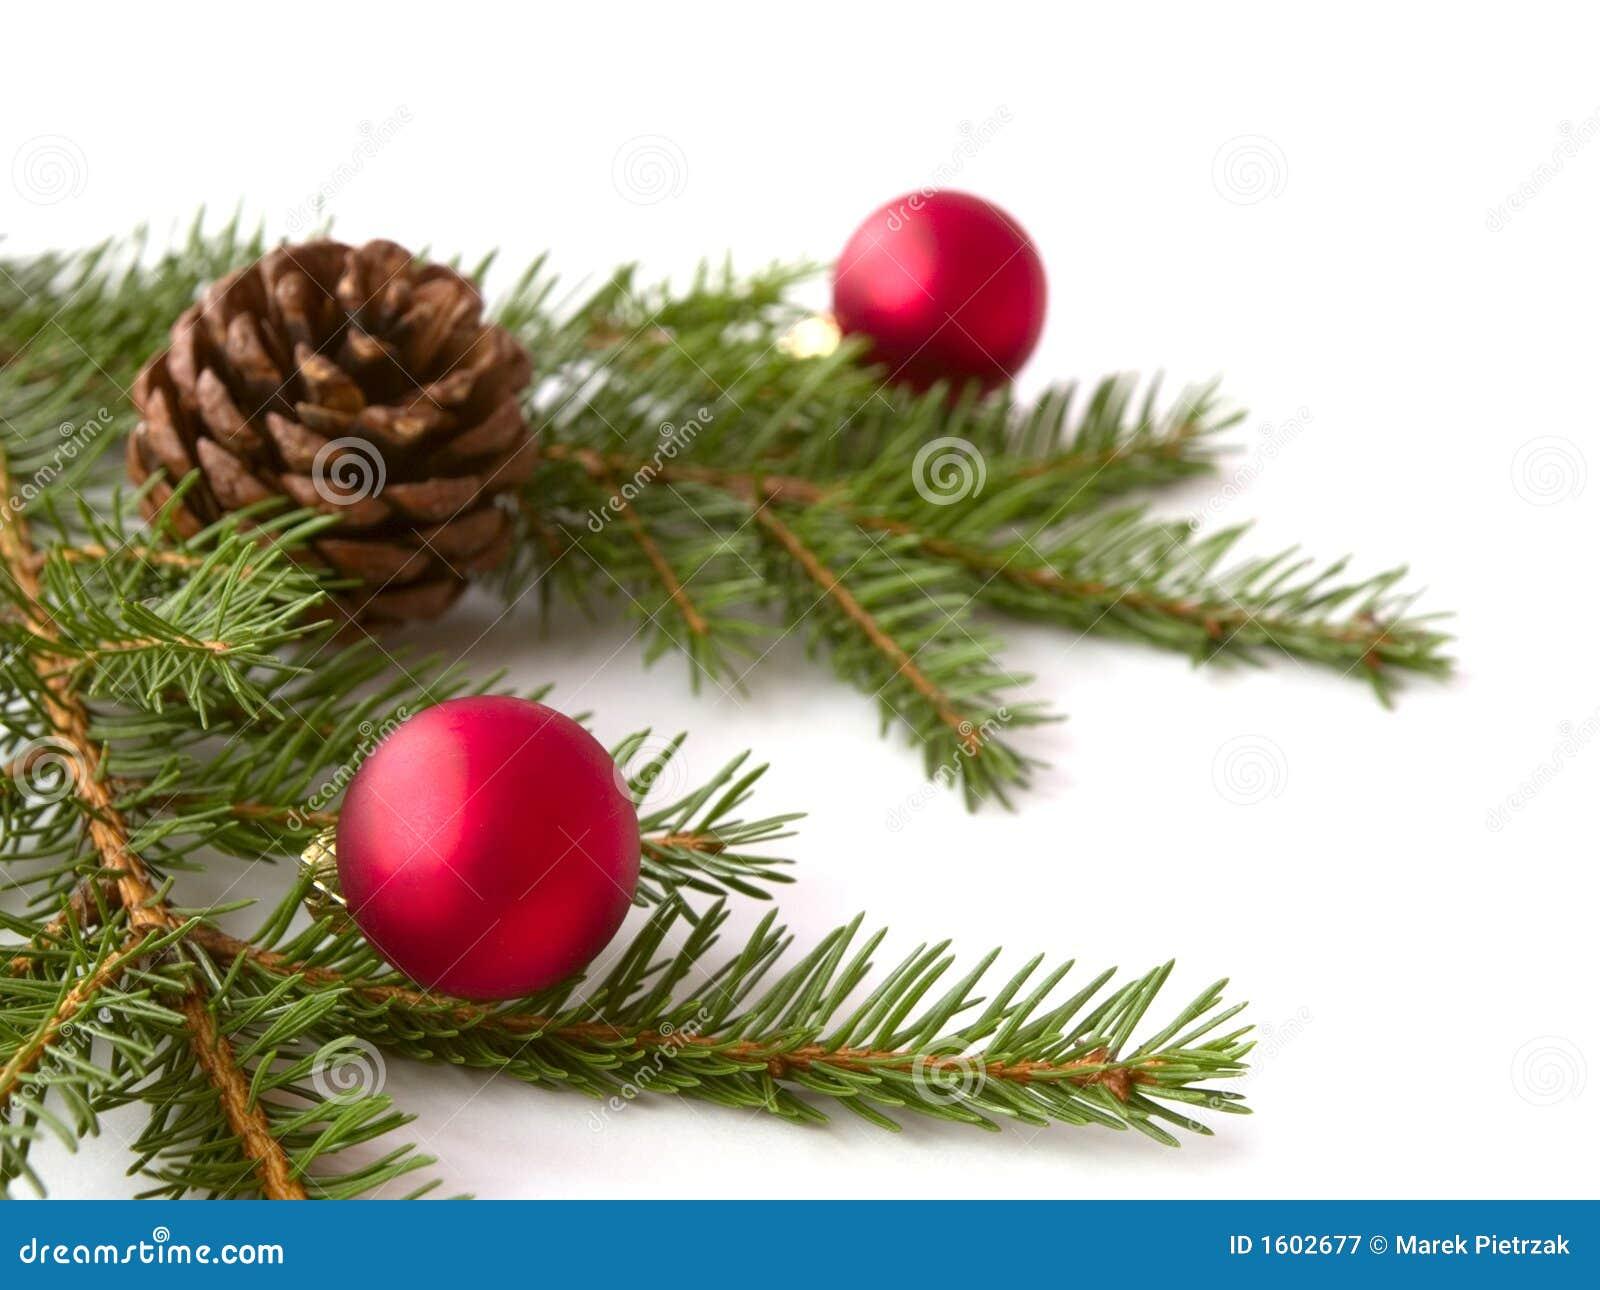 weihnachtszweige stockbild bild von getrennt wei gr n 1602677. Black Bedroom Furniture Sets. Home Design Ideas